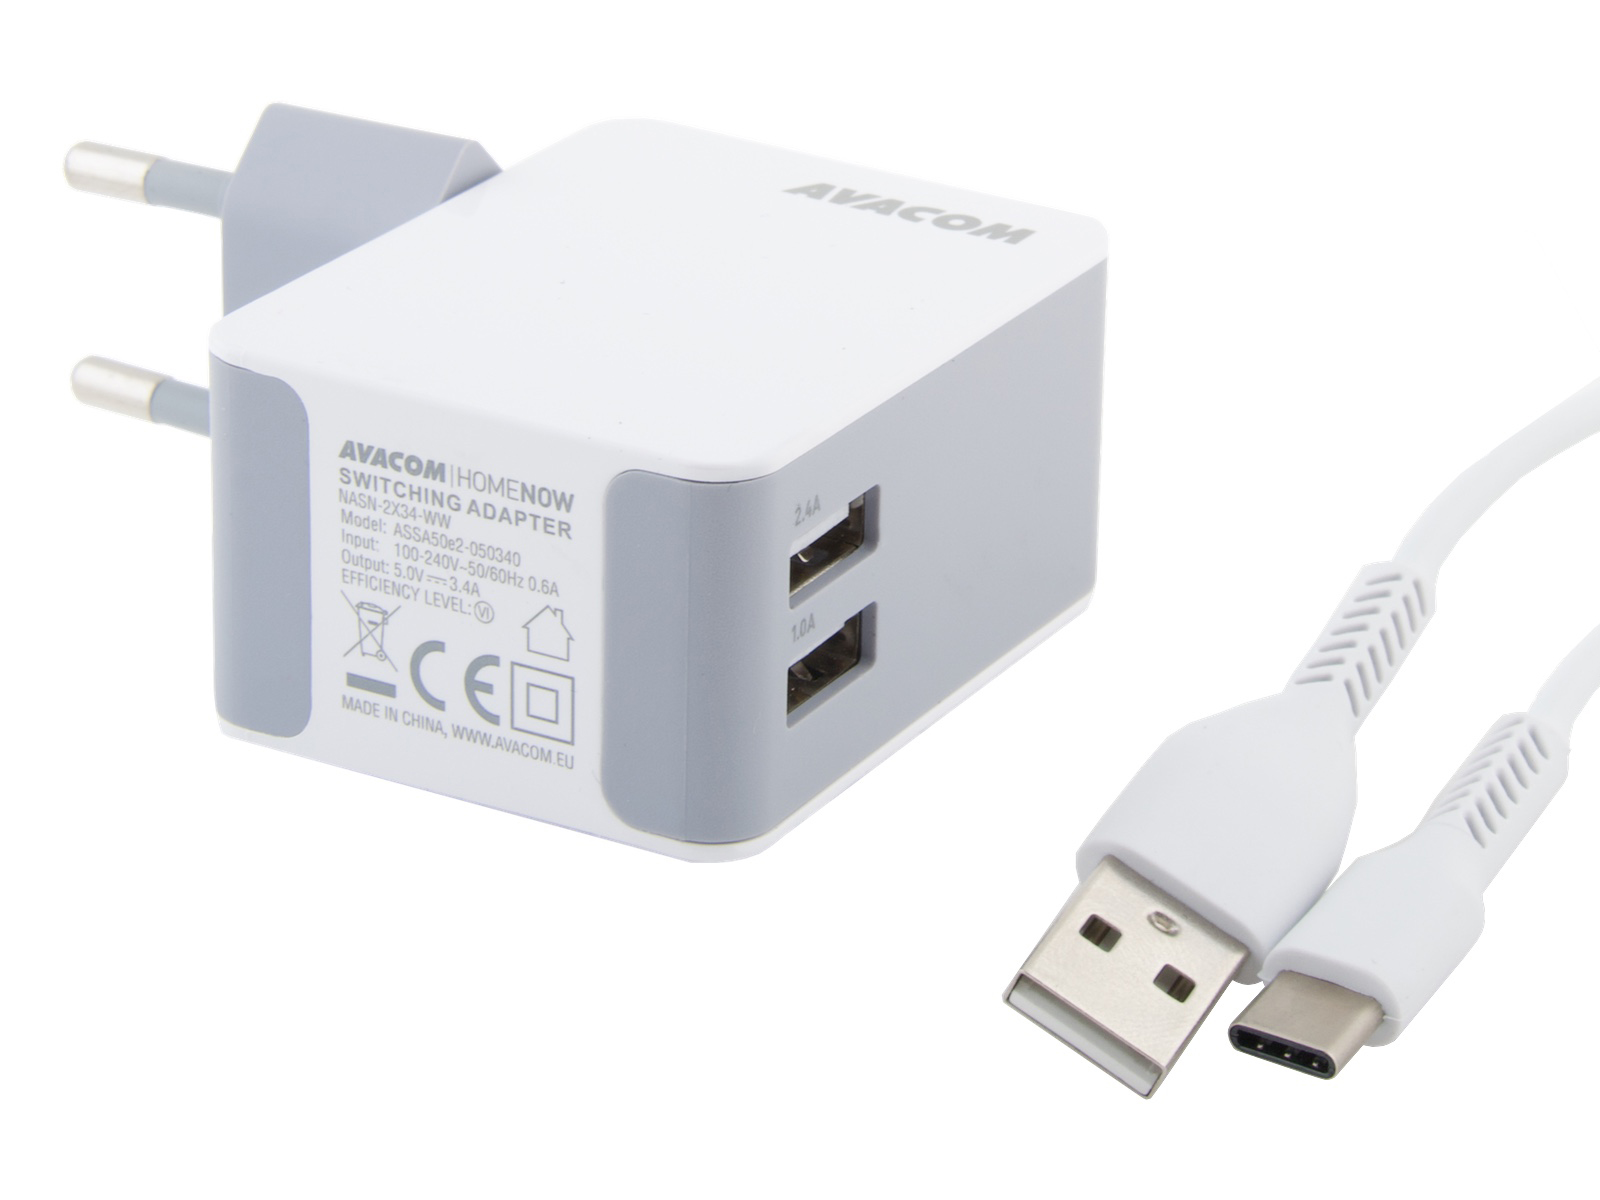 AVACOM HomeNOW síťová nabíječka 3,4A se dvěma výstupy, bílá barva (USB-C kabel) - NASN-2X34C-WW